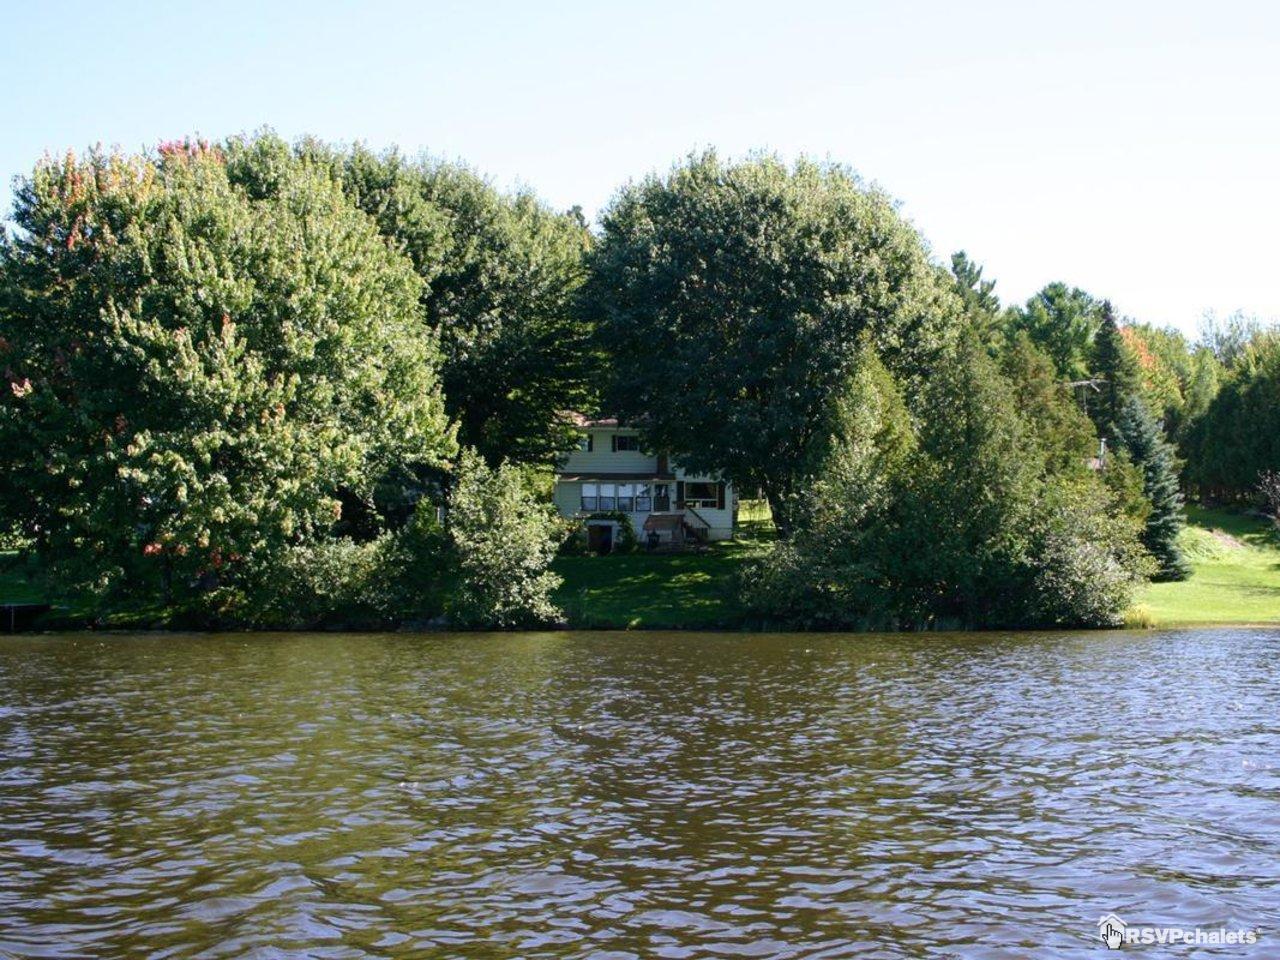 Chalet louer la maison du lac denison canton de for La maison du lac streaming